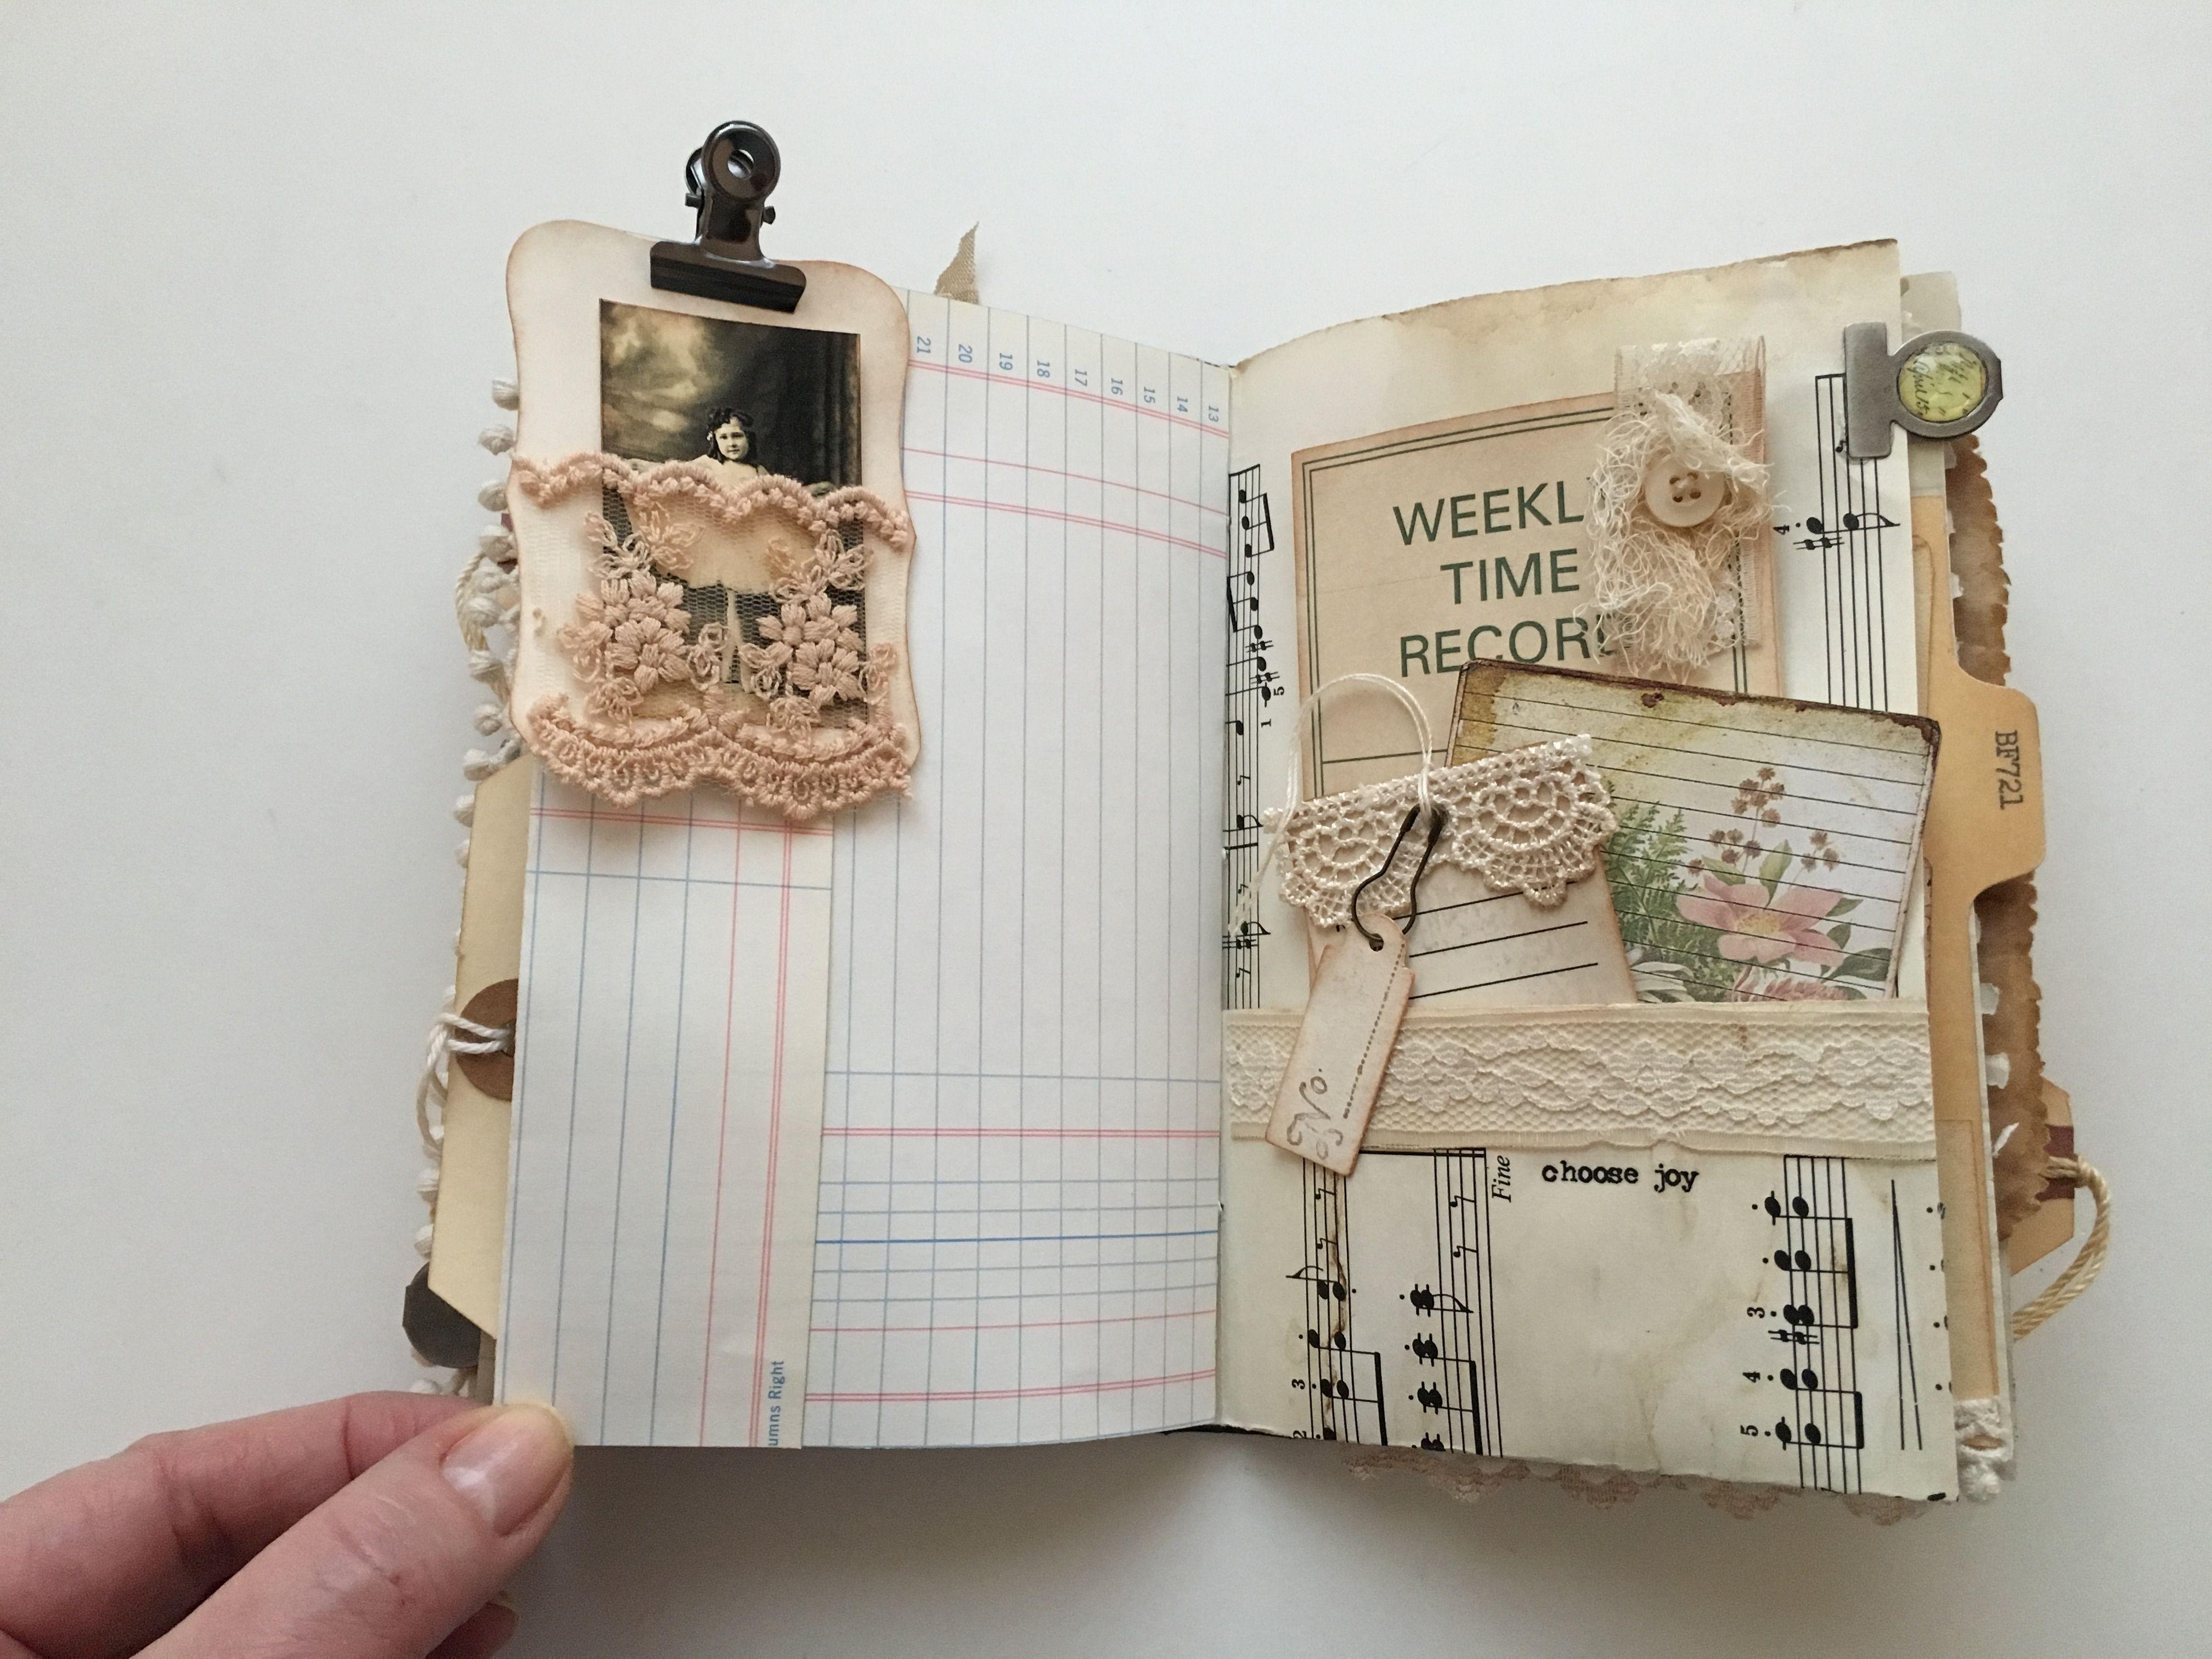 1434241901a52b38c3c74cfc14a13223 Jpg 4 032 3 024 Pixels Junk Journal Vintage Junk Journal Vintage Journal